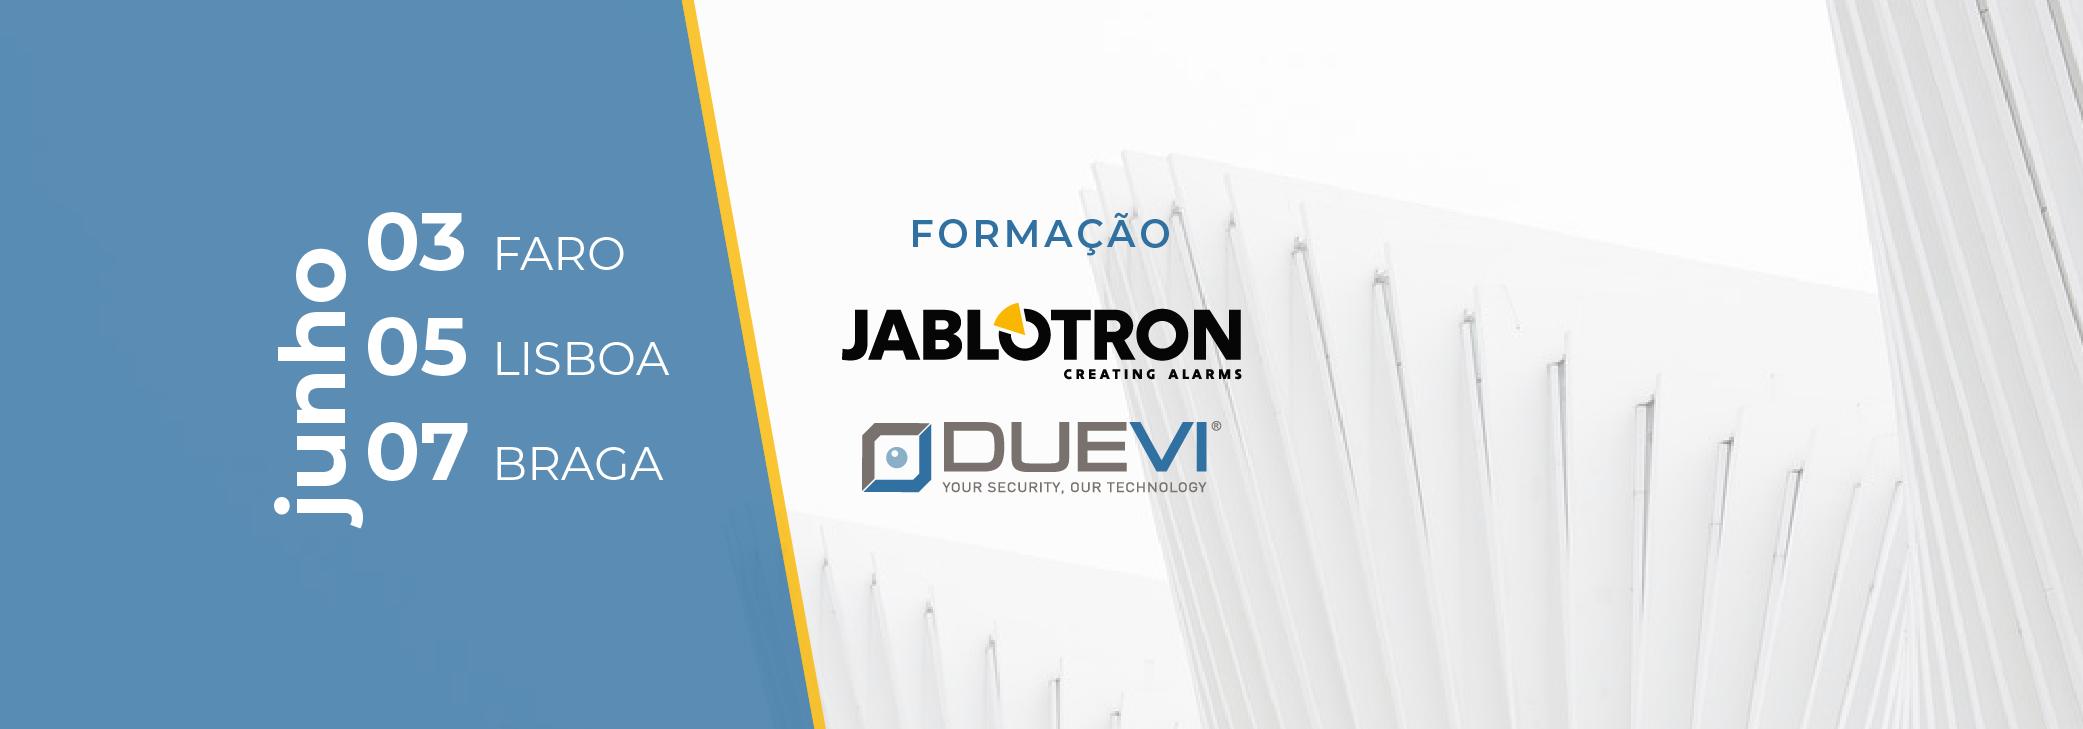 Formação JABLOTRON + DUEVI   Junho 2019